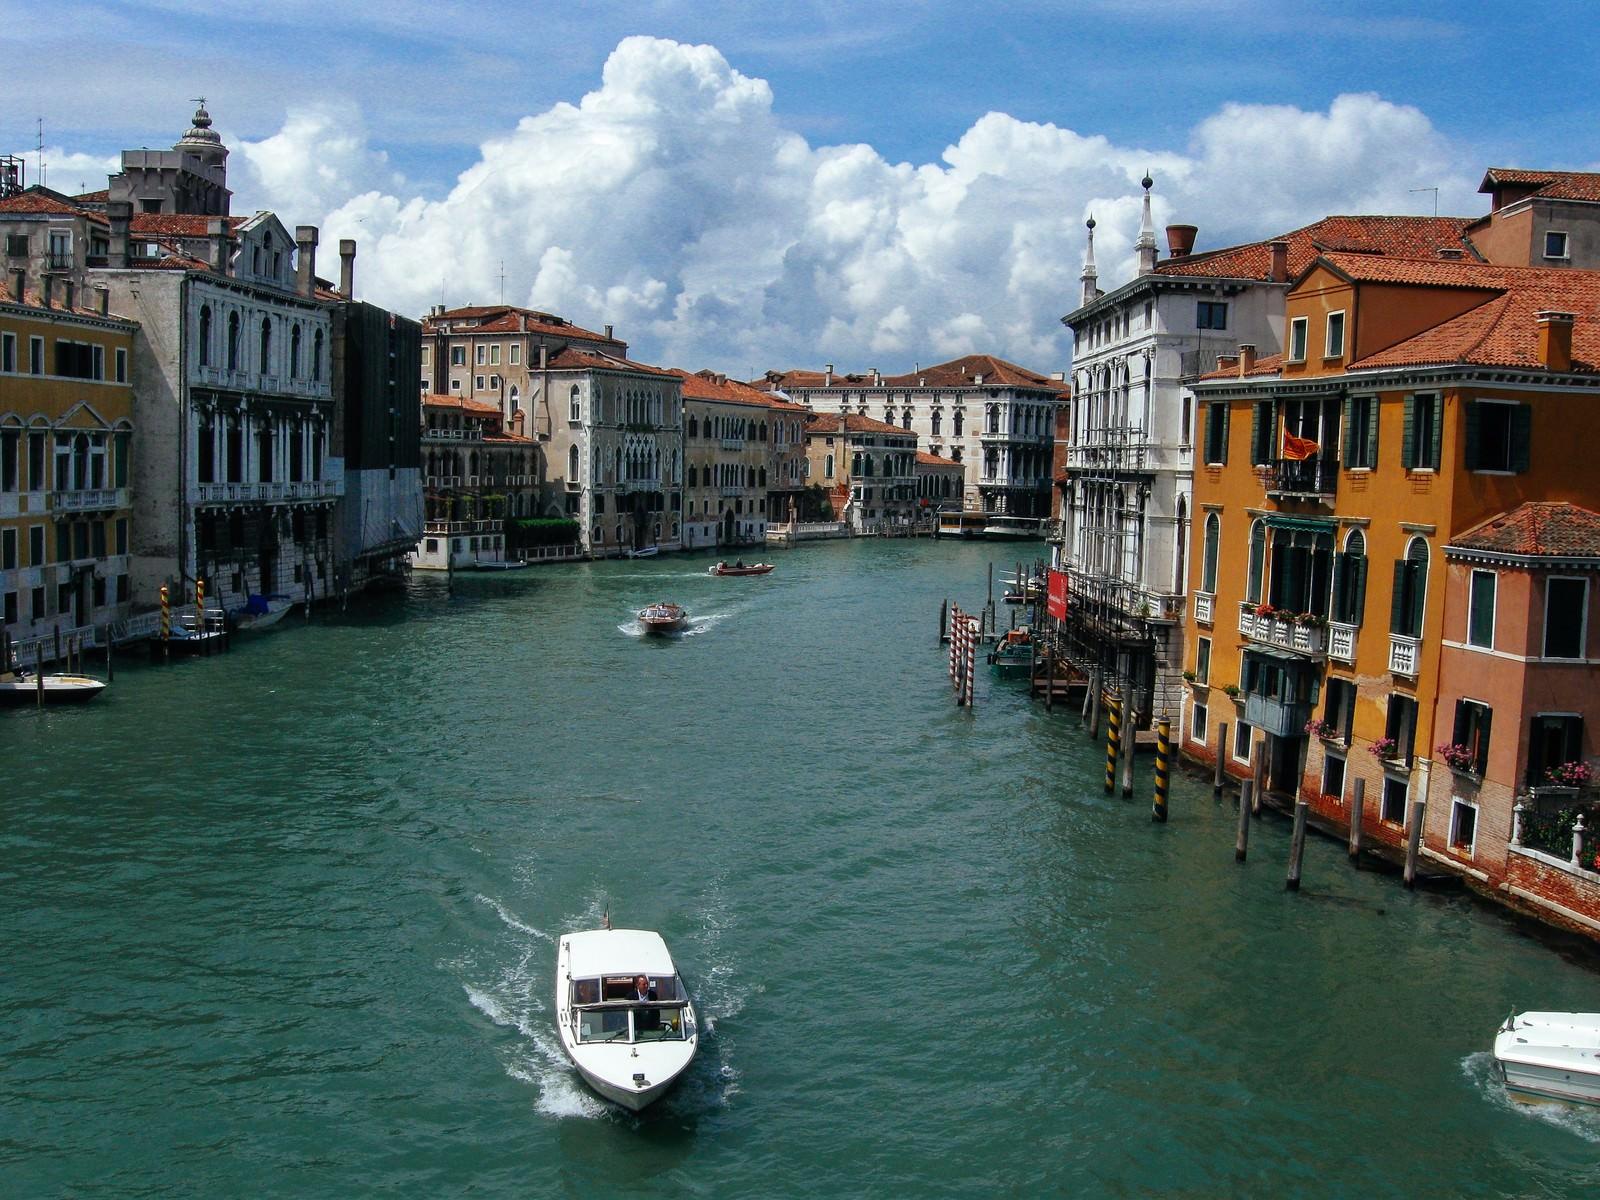 「ヴェネツィアの街並みと川を走るボート(イタリア)」